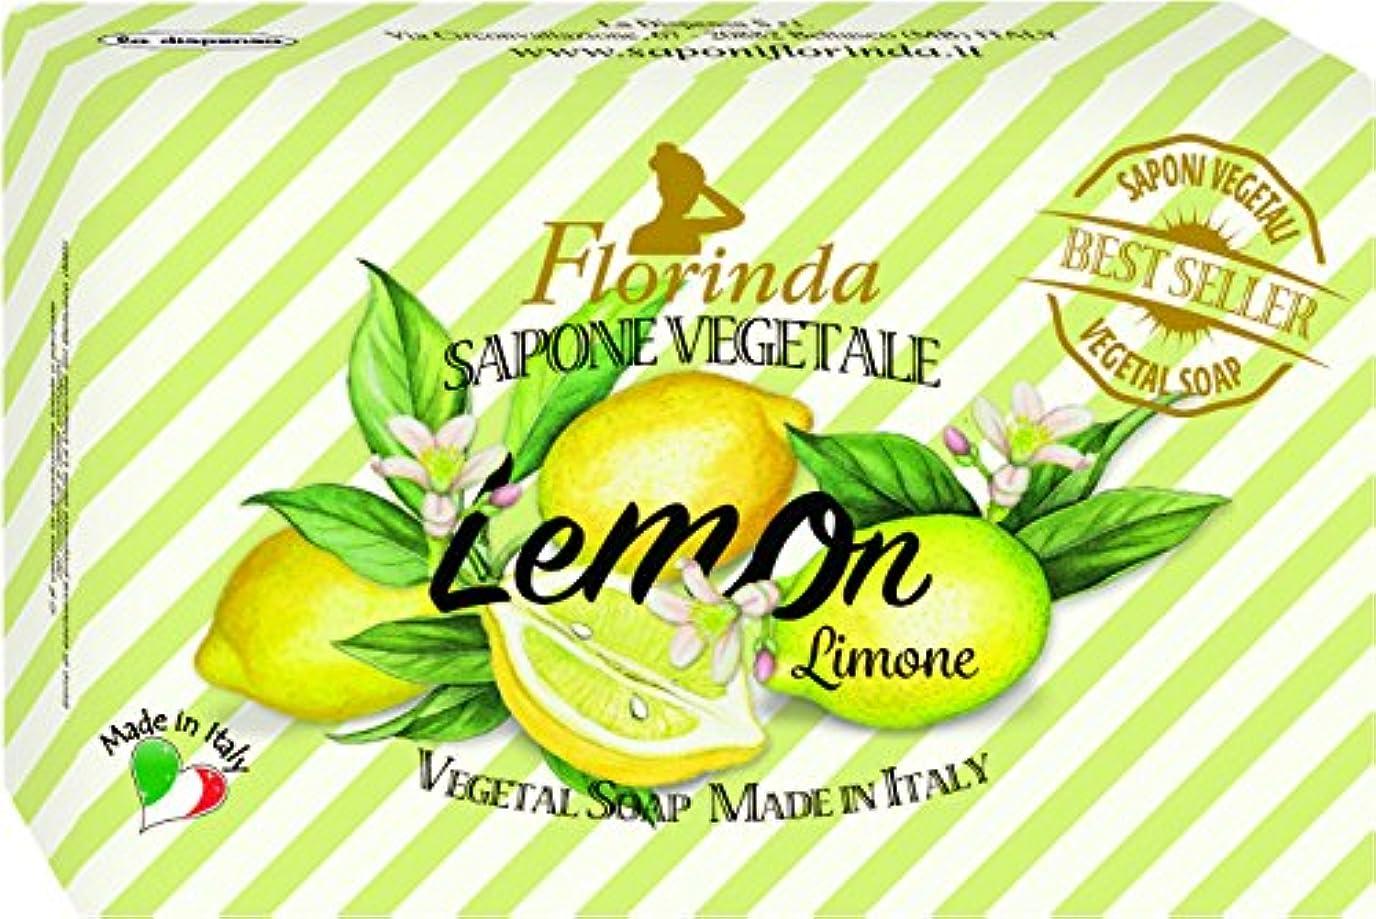 連合火曜日護衛フレグランスソープ ベストセラーシリーズ レモン